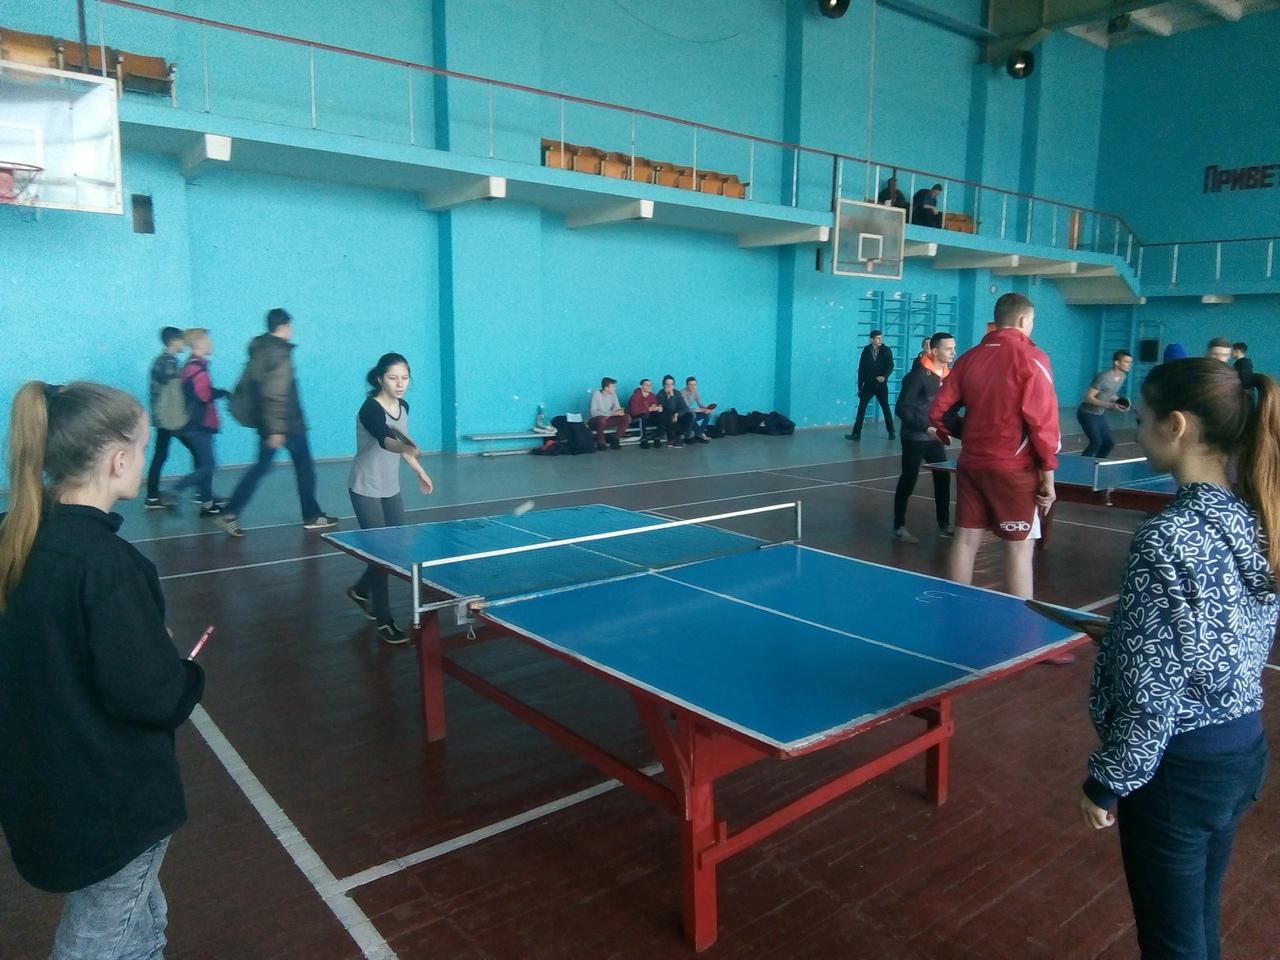 В Донецке прошли соревнования по настольному теннису среди образовательных организаций среднего профессионального образования